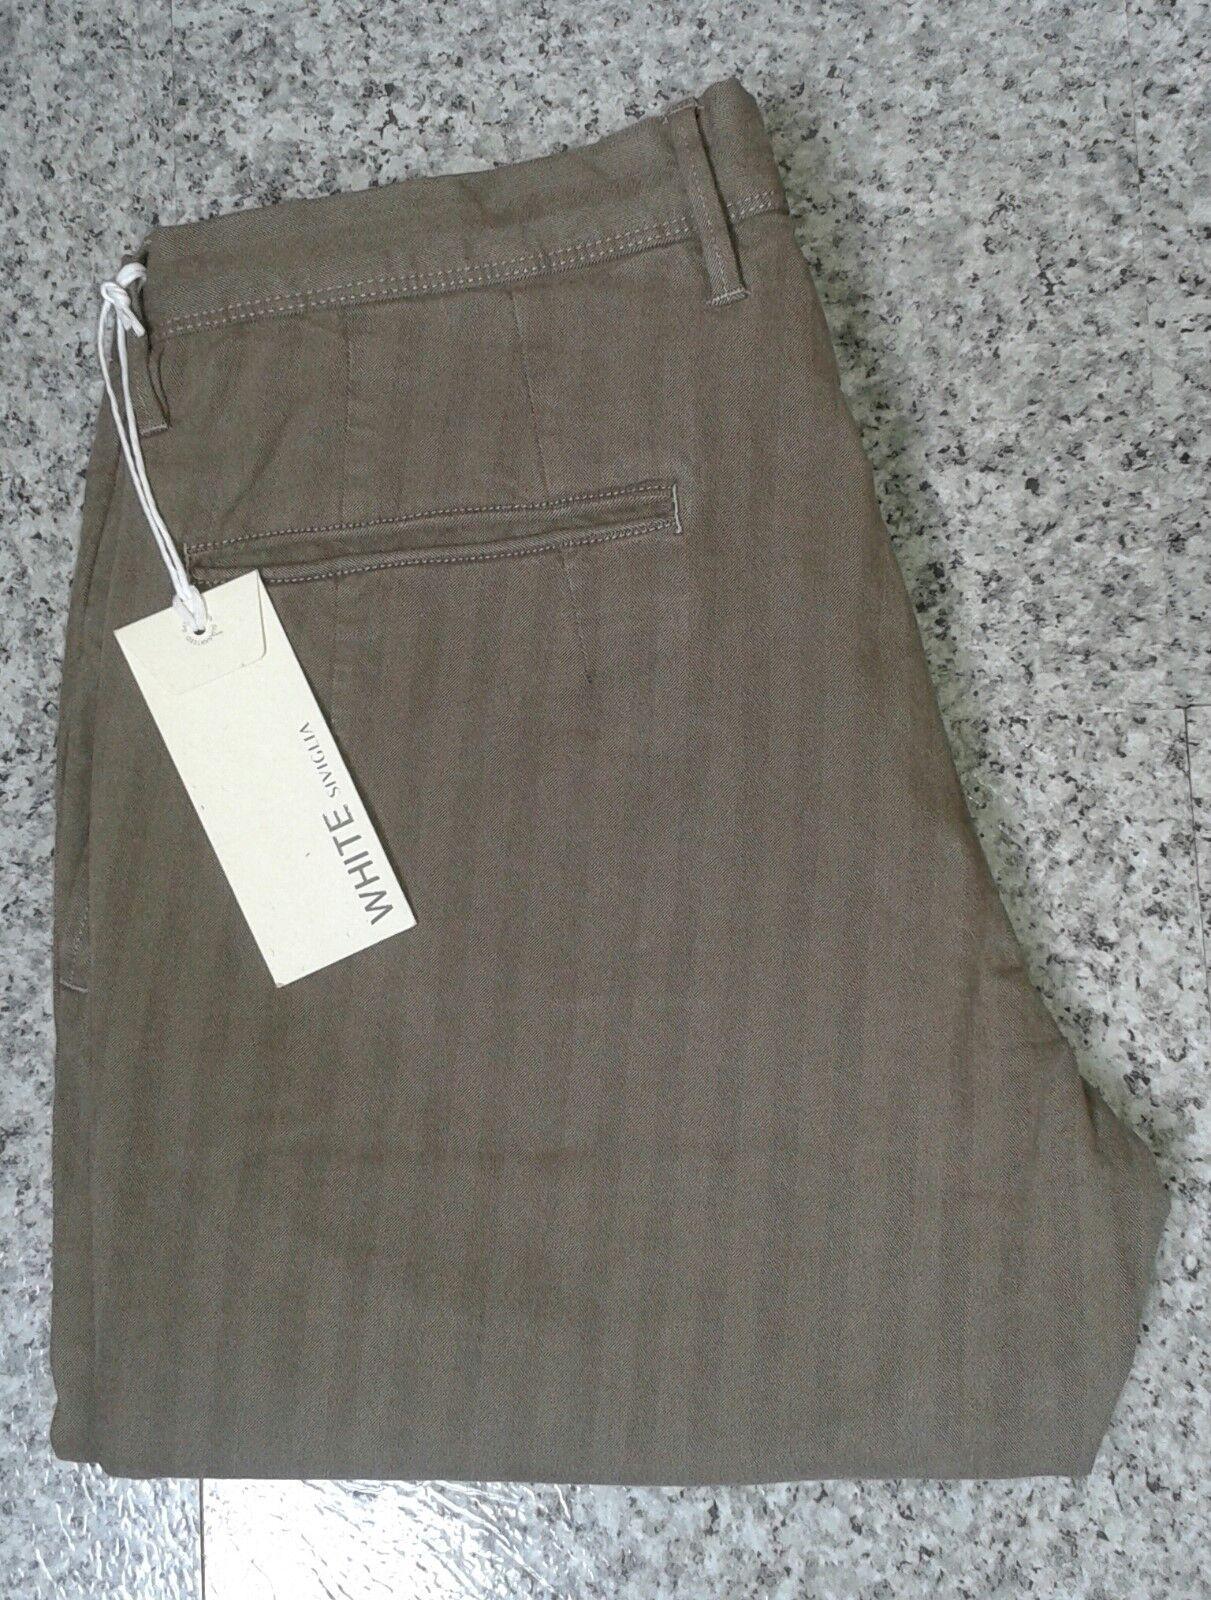 Siviglia Rare Dark Caramel braun Herringbone Striped Pants Trousers - W36 L34   Qualität zuerst    Moderne und elegante Mode    Treten Sie ein in die Welt der Spielzeuge und finden Sie eine Quelle des Glücks    Perfekte Verarbeitung